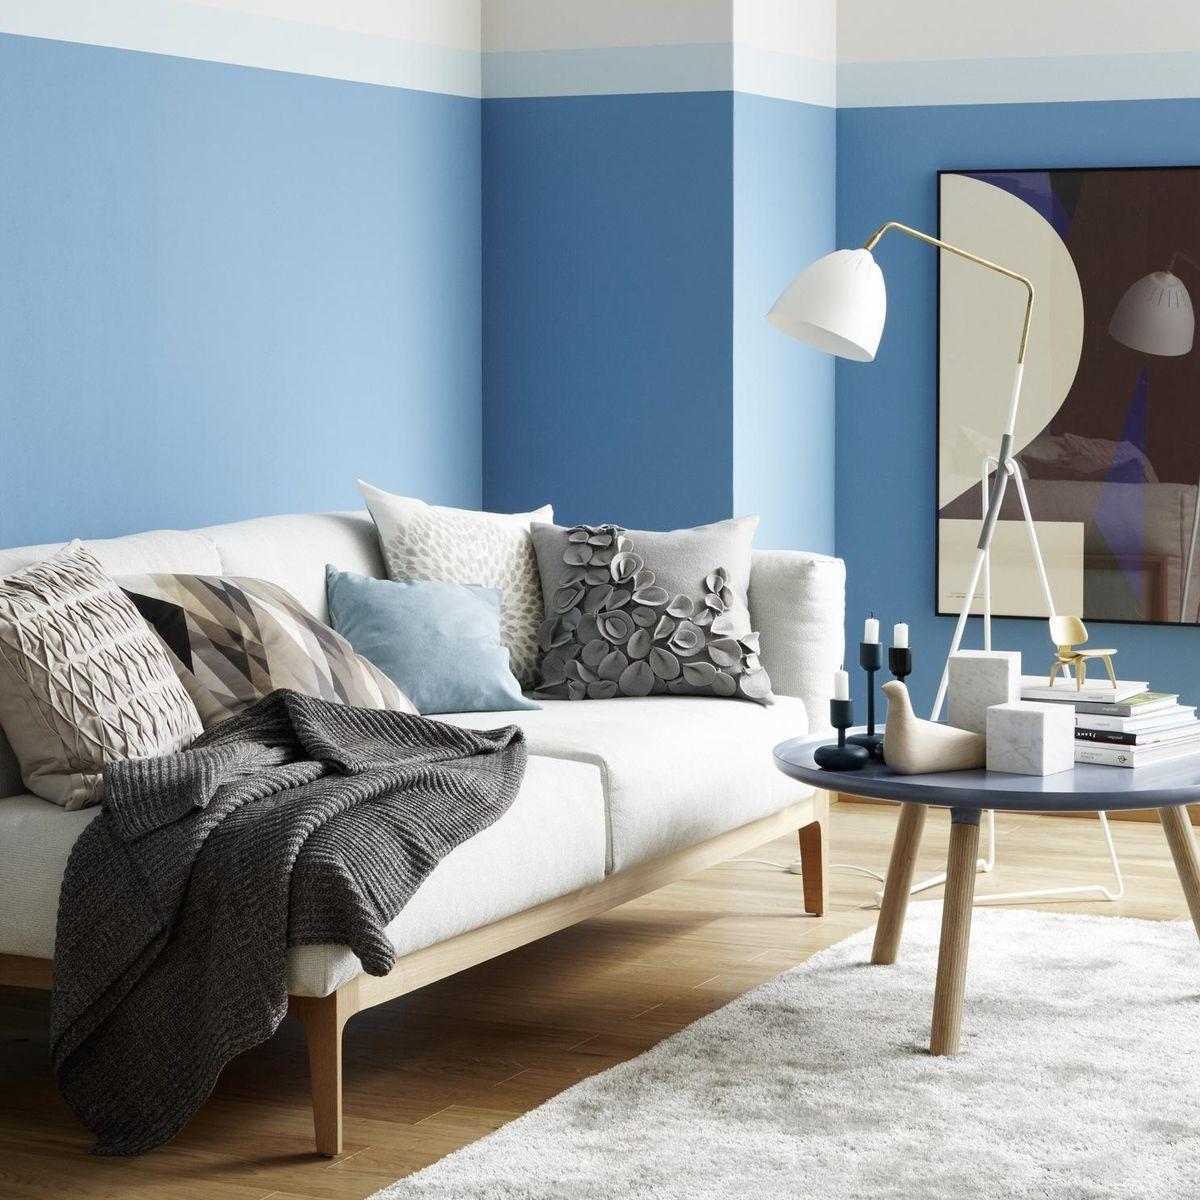 stitch kissenbezug 45x45cm sch ner wohnen kollektion. Black Bedroom Furniture Sets. Home Design Ideas